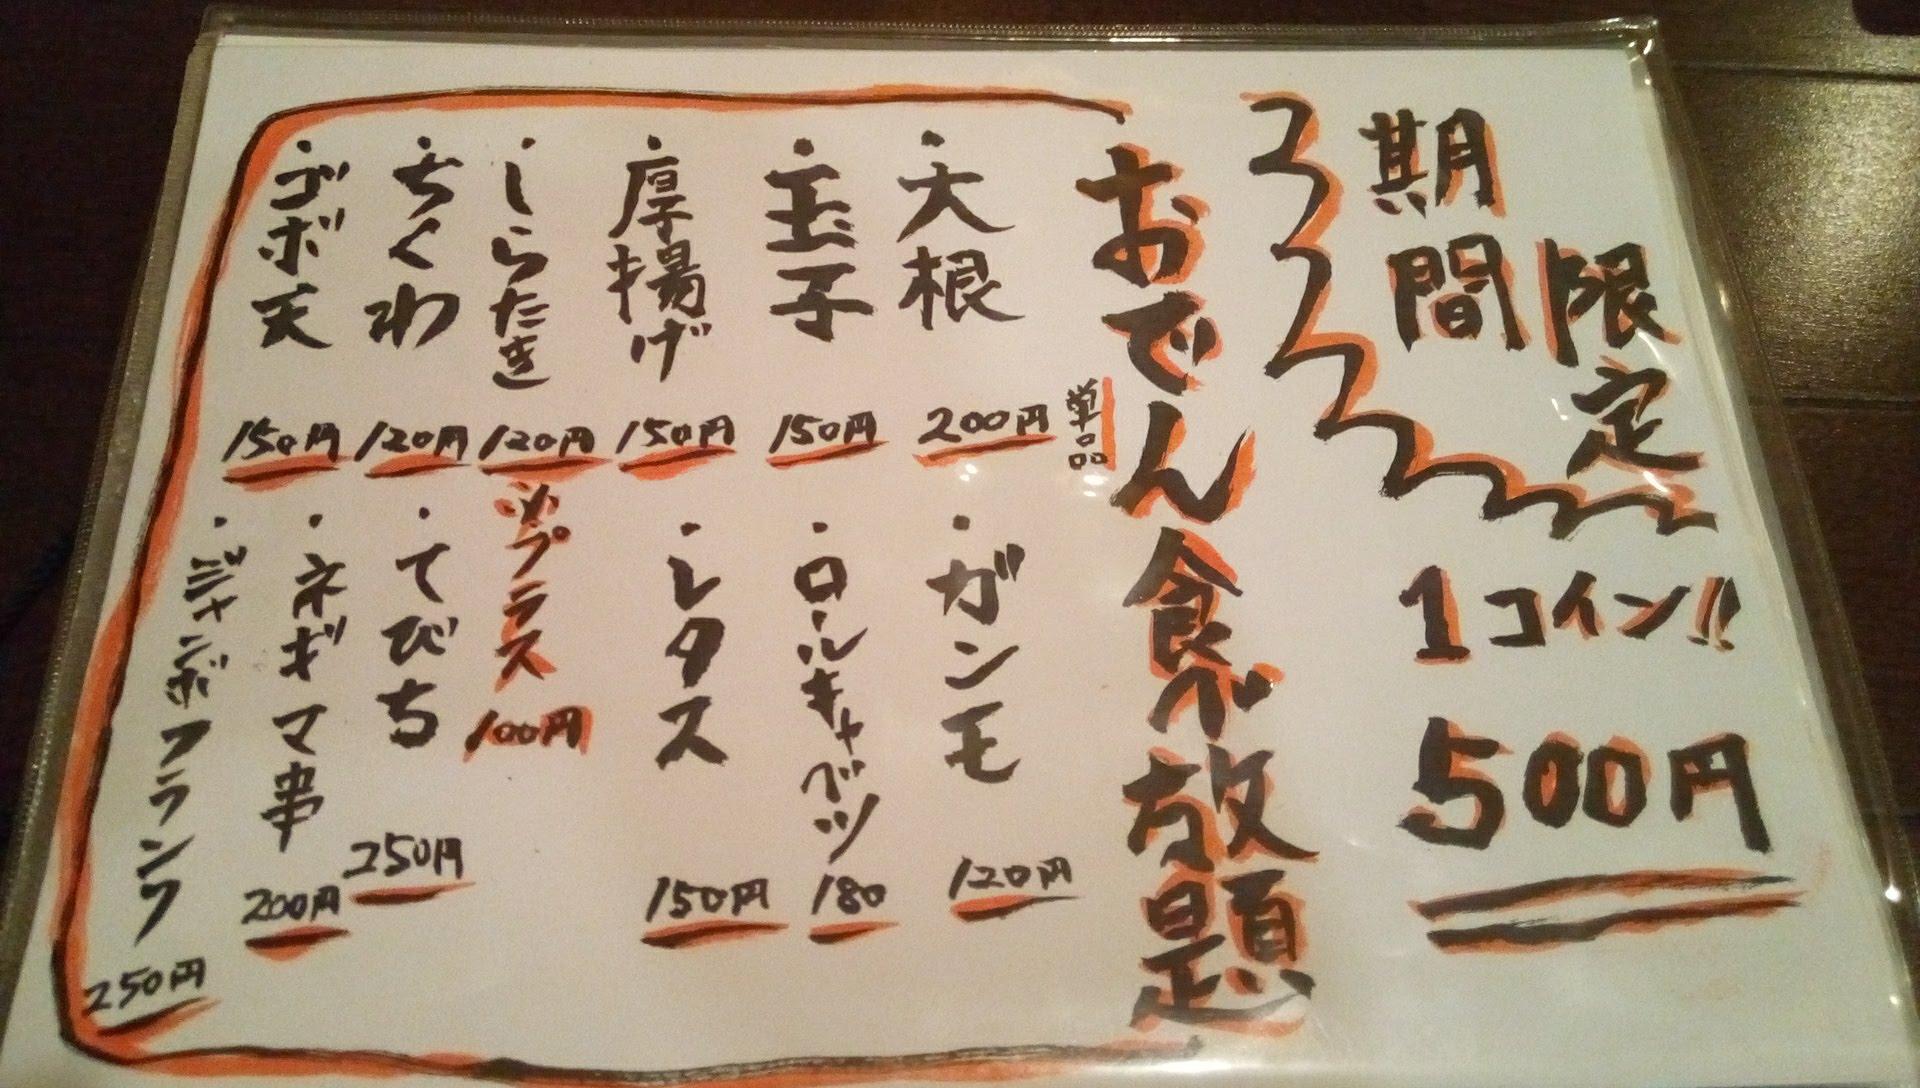 Tuna bar WaiWai menu 2